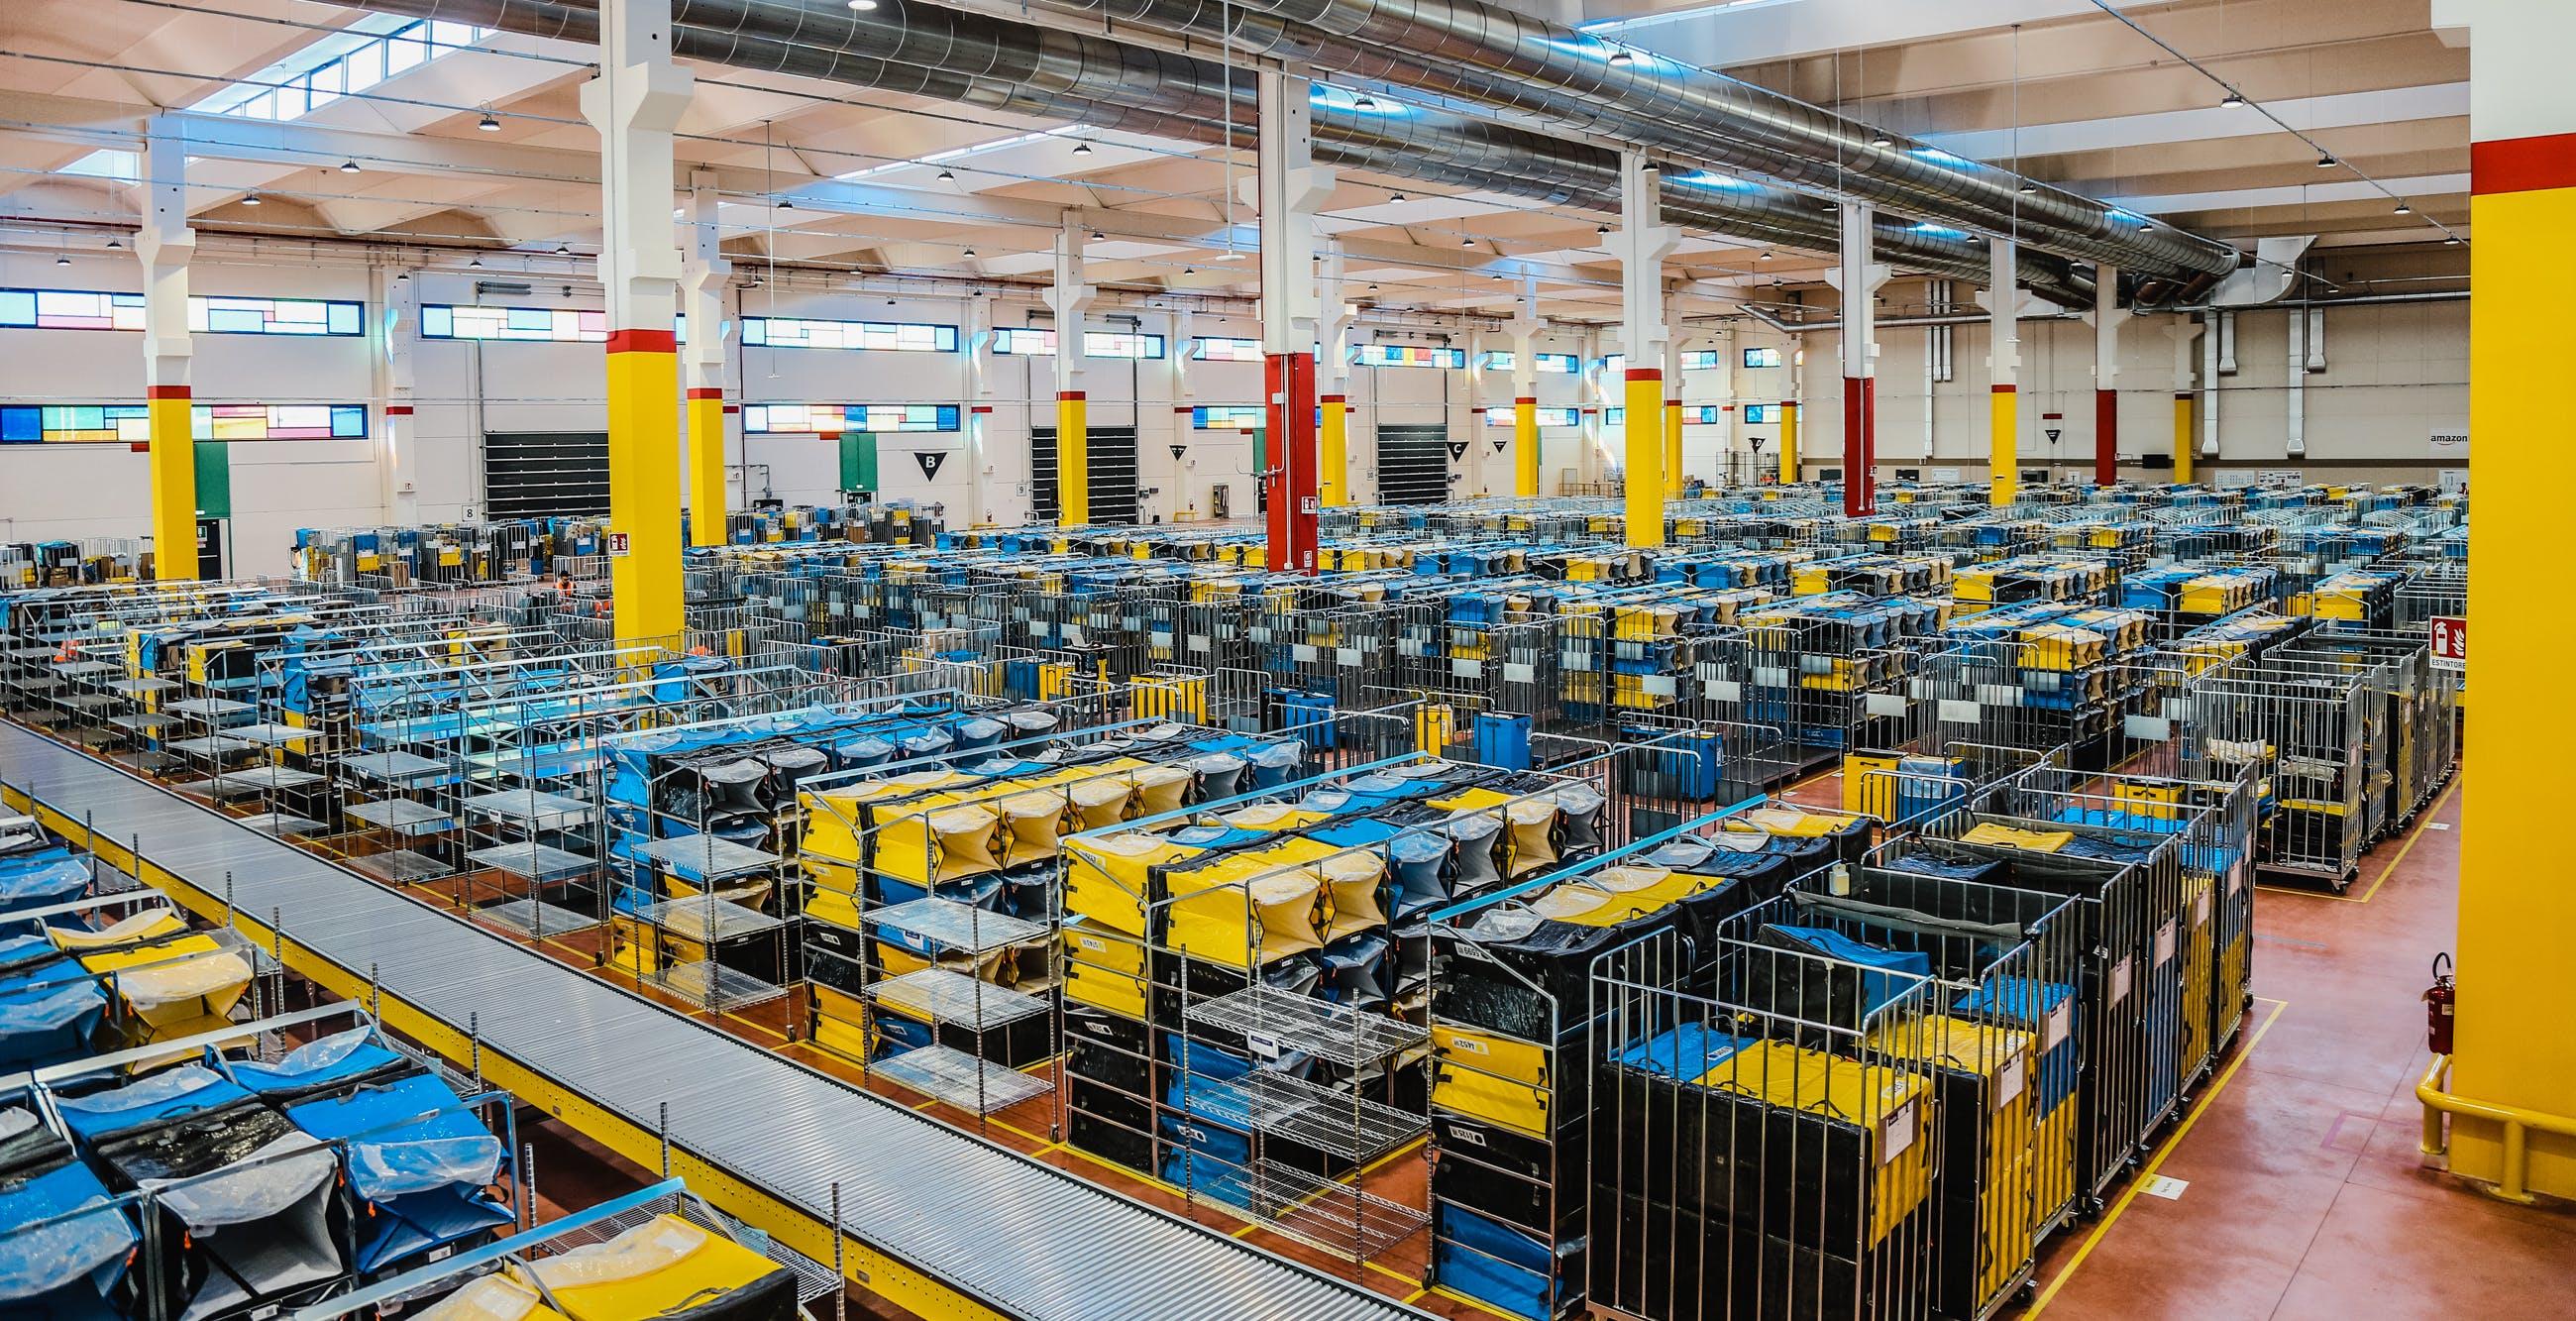 Amazon apre in Veneto 3 nuovi centri logistici. Consegne più veloci e posti di lavoro